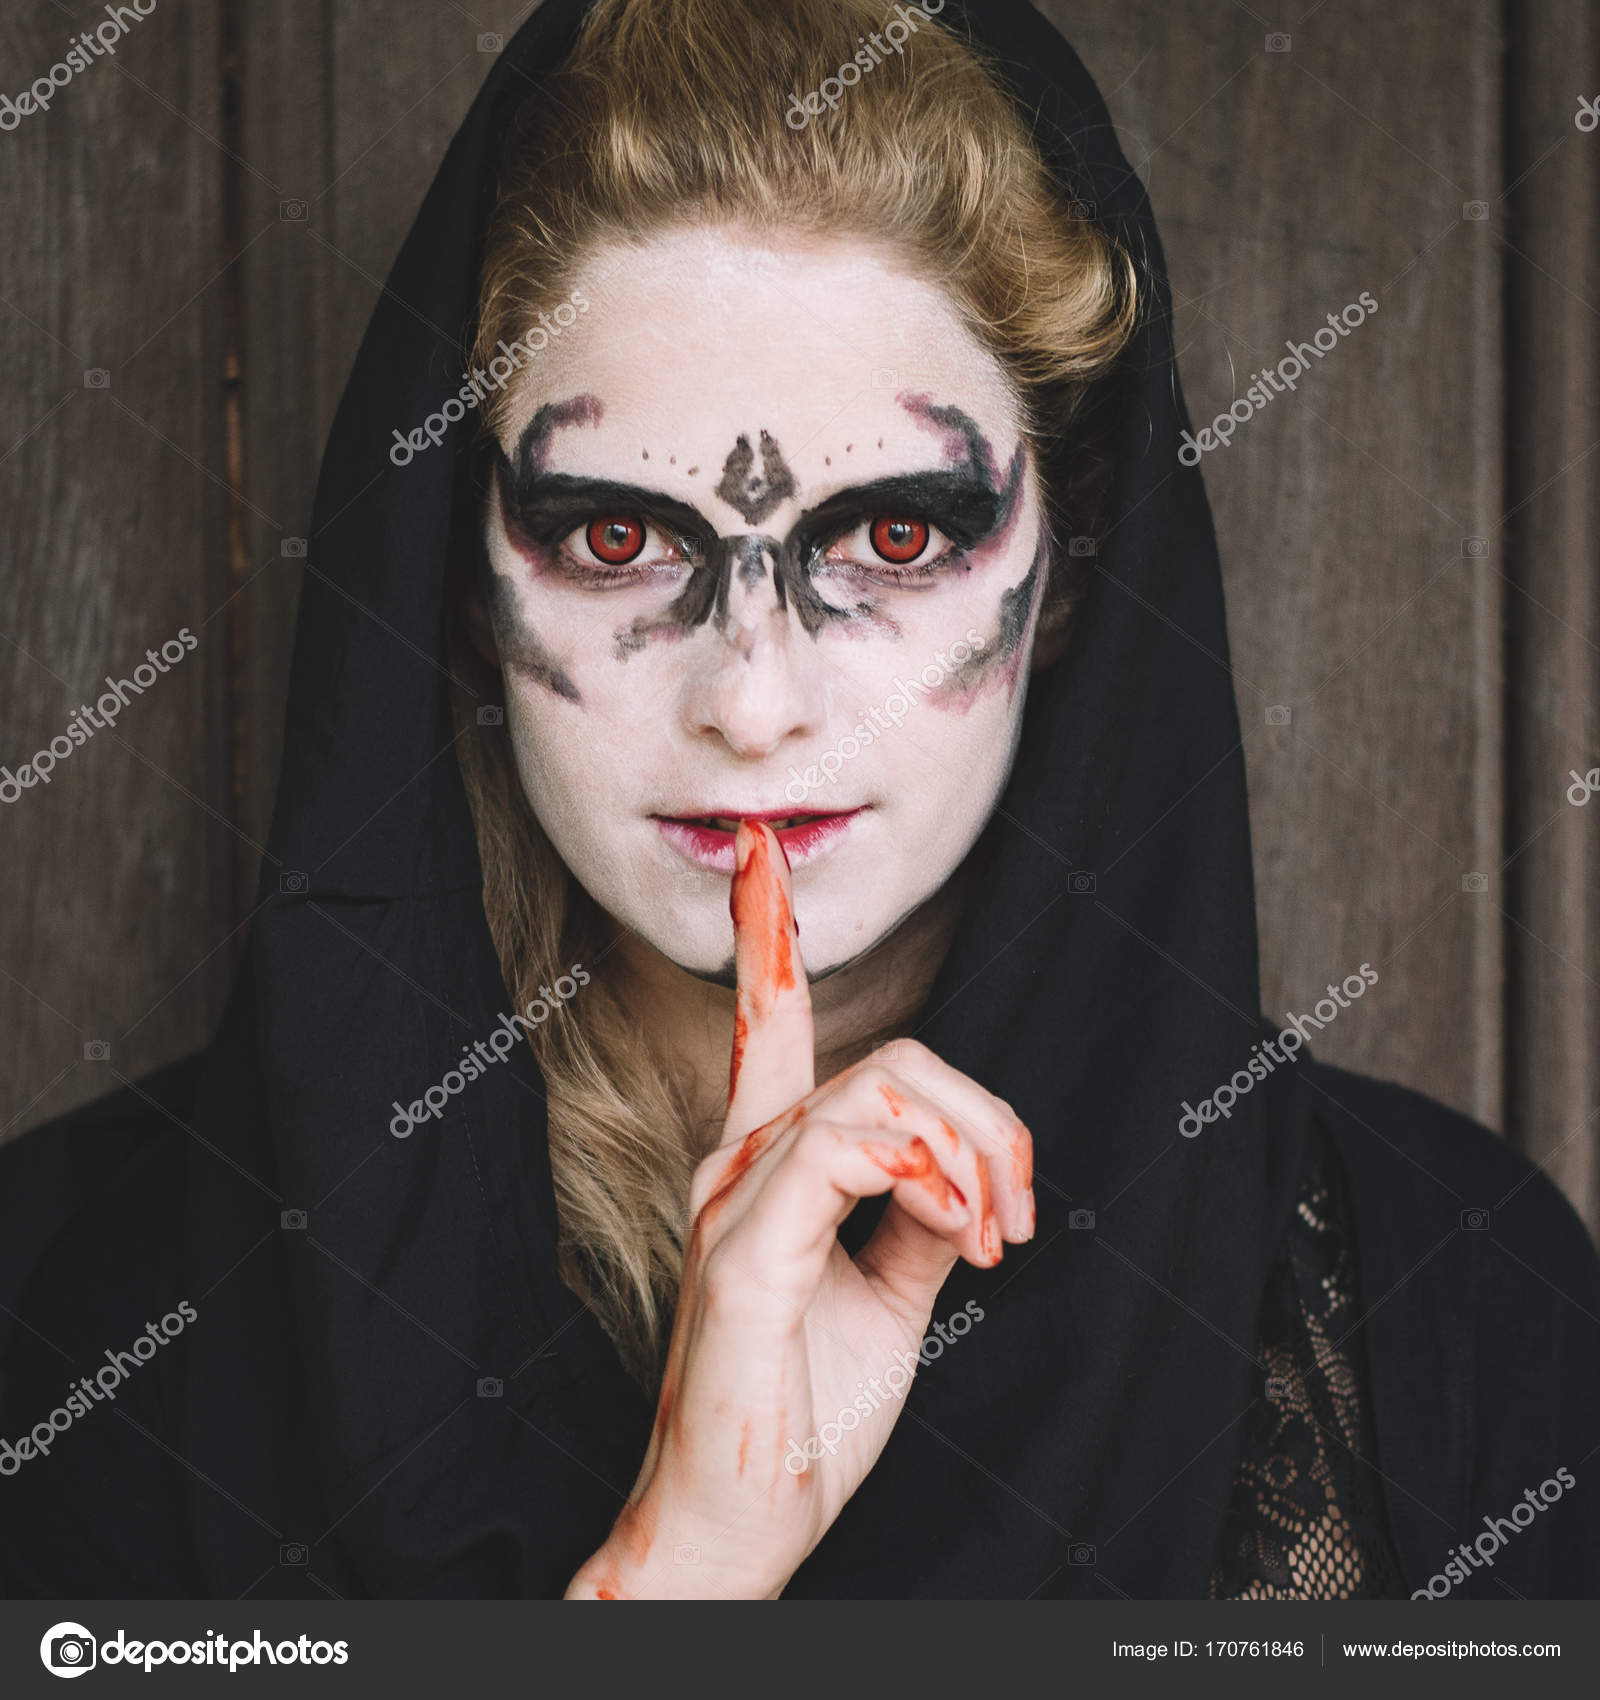 Außergewöhnlich Gesicht Bemalen Sammlung Von Bitte Zum Schweigen Zu Bringen. Bemalte Woman